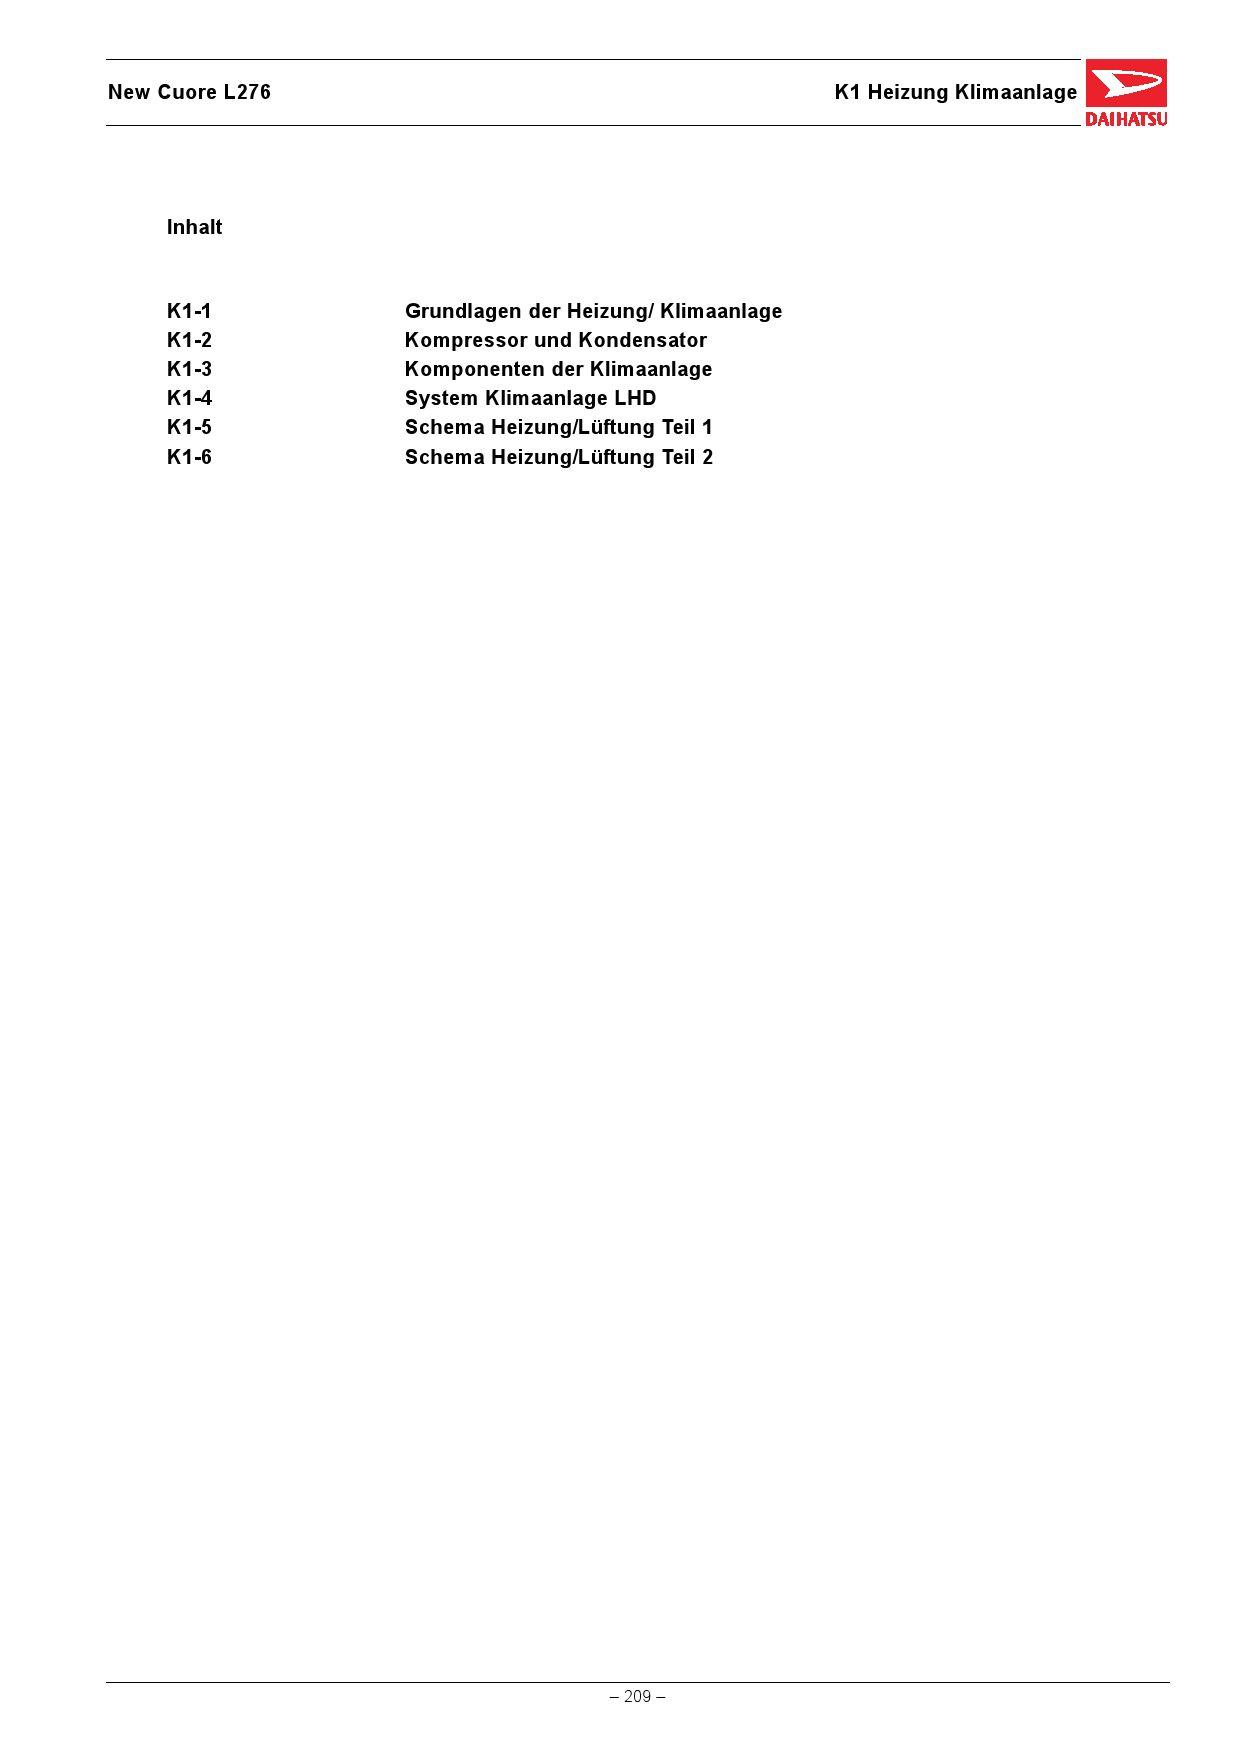 Großzügig Klimaanlage Schematisch Bilder - Elektrische Schaltplan ...